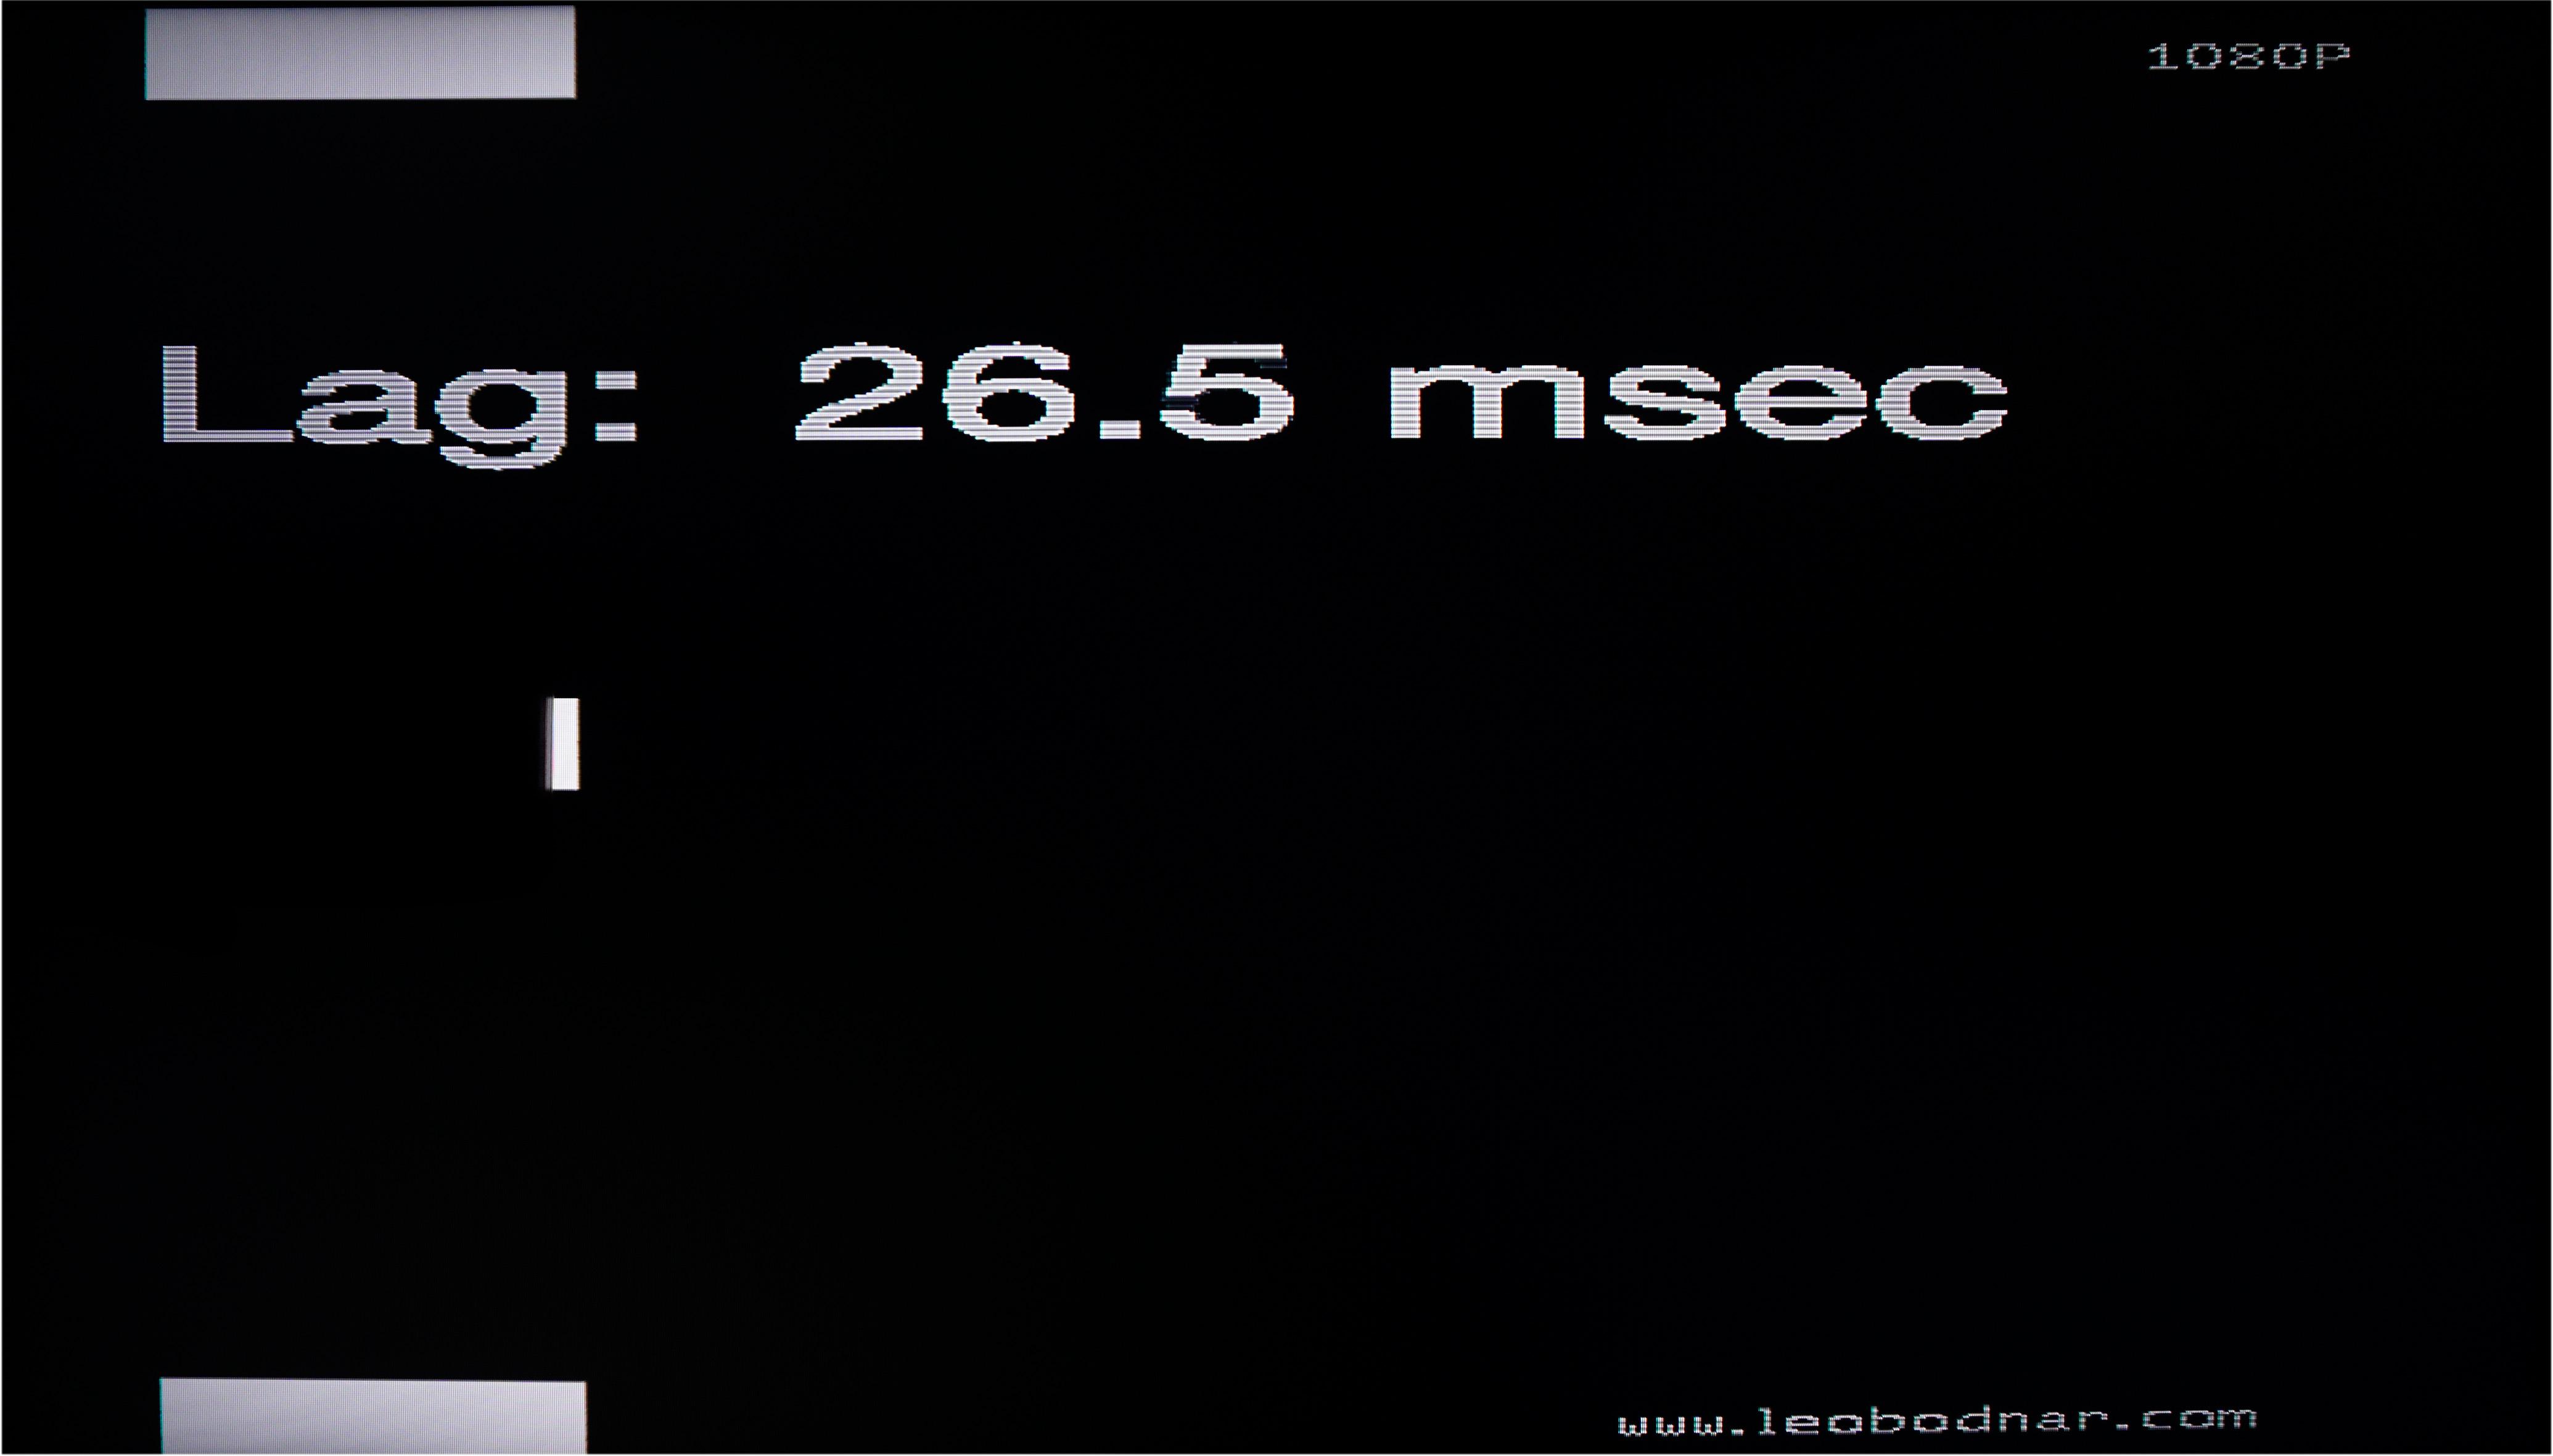 LG LJ573D Review (32LJ573D) - TVNama